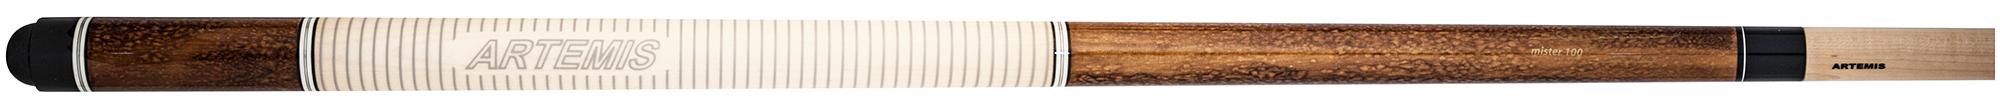 CK0200-05: Artemis Mister 100 Walnut 3D grip #1